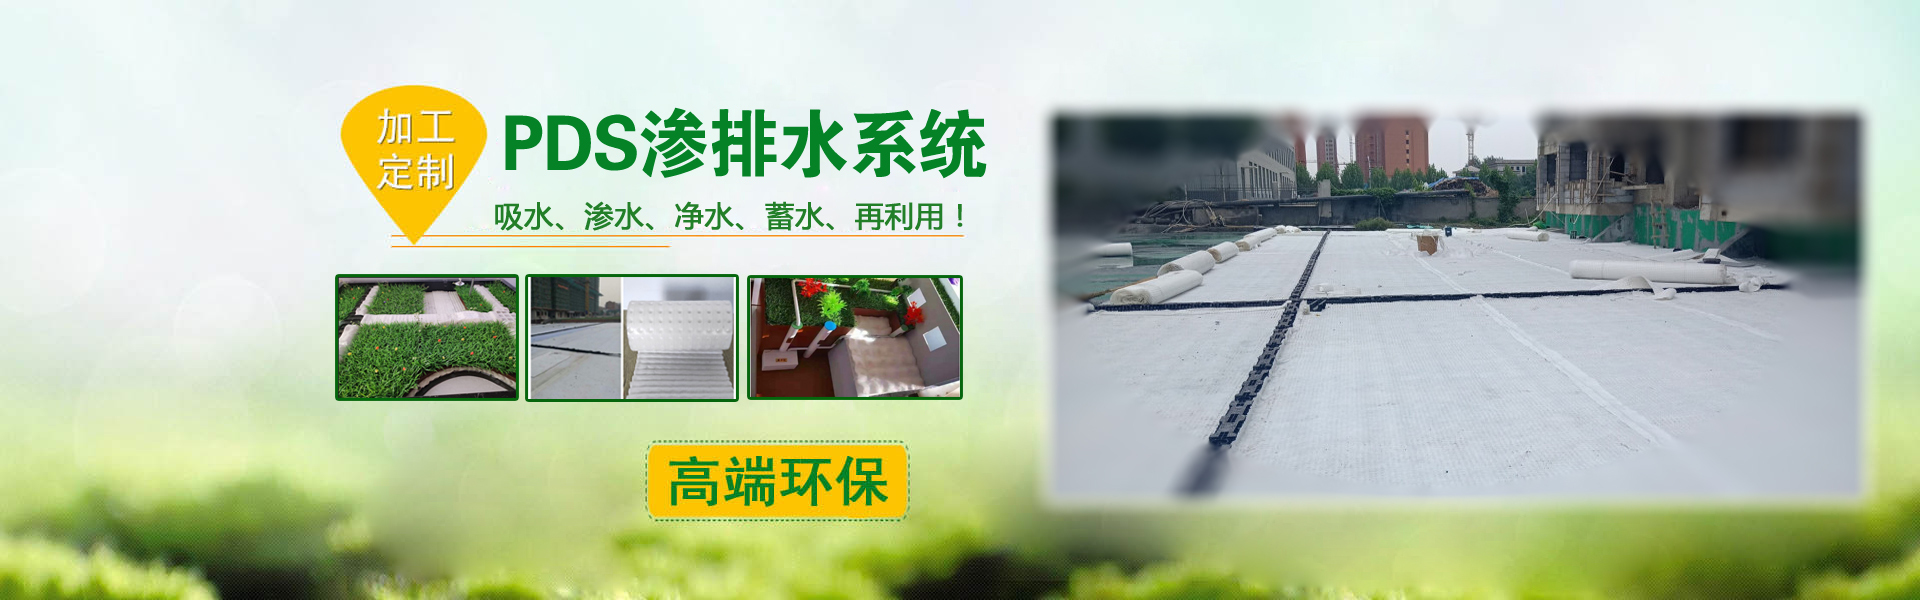 排水板廠家